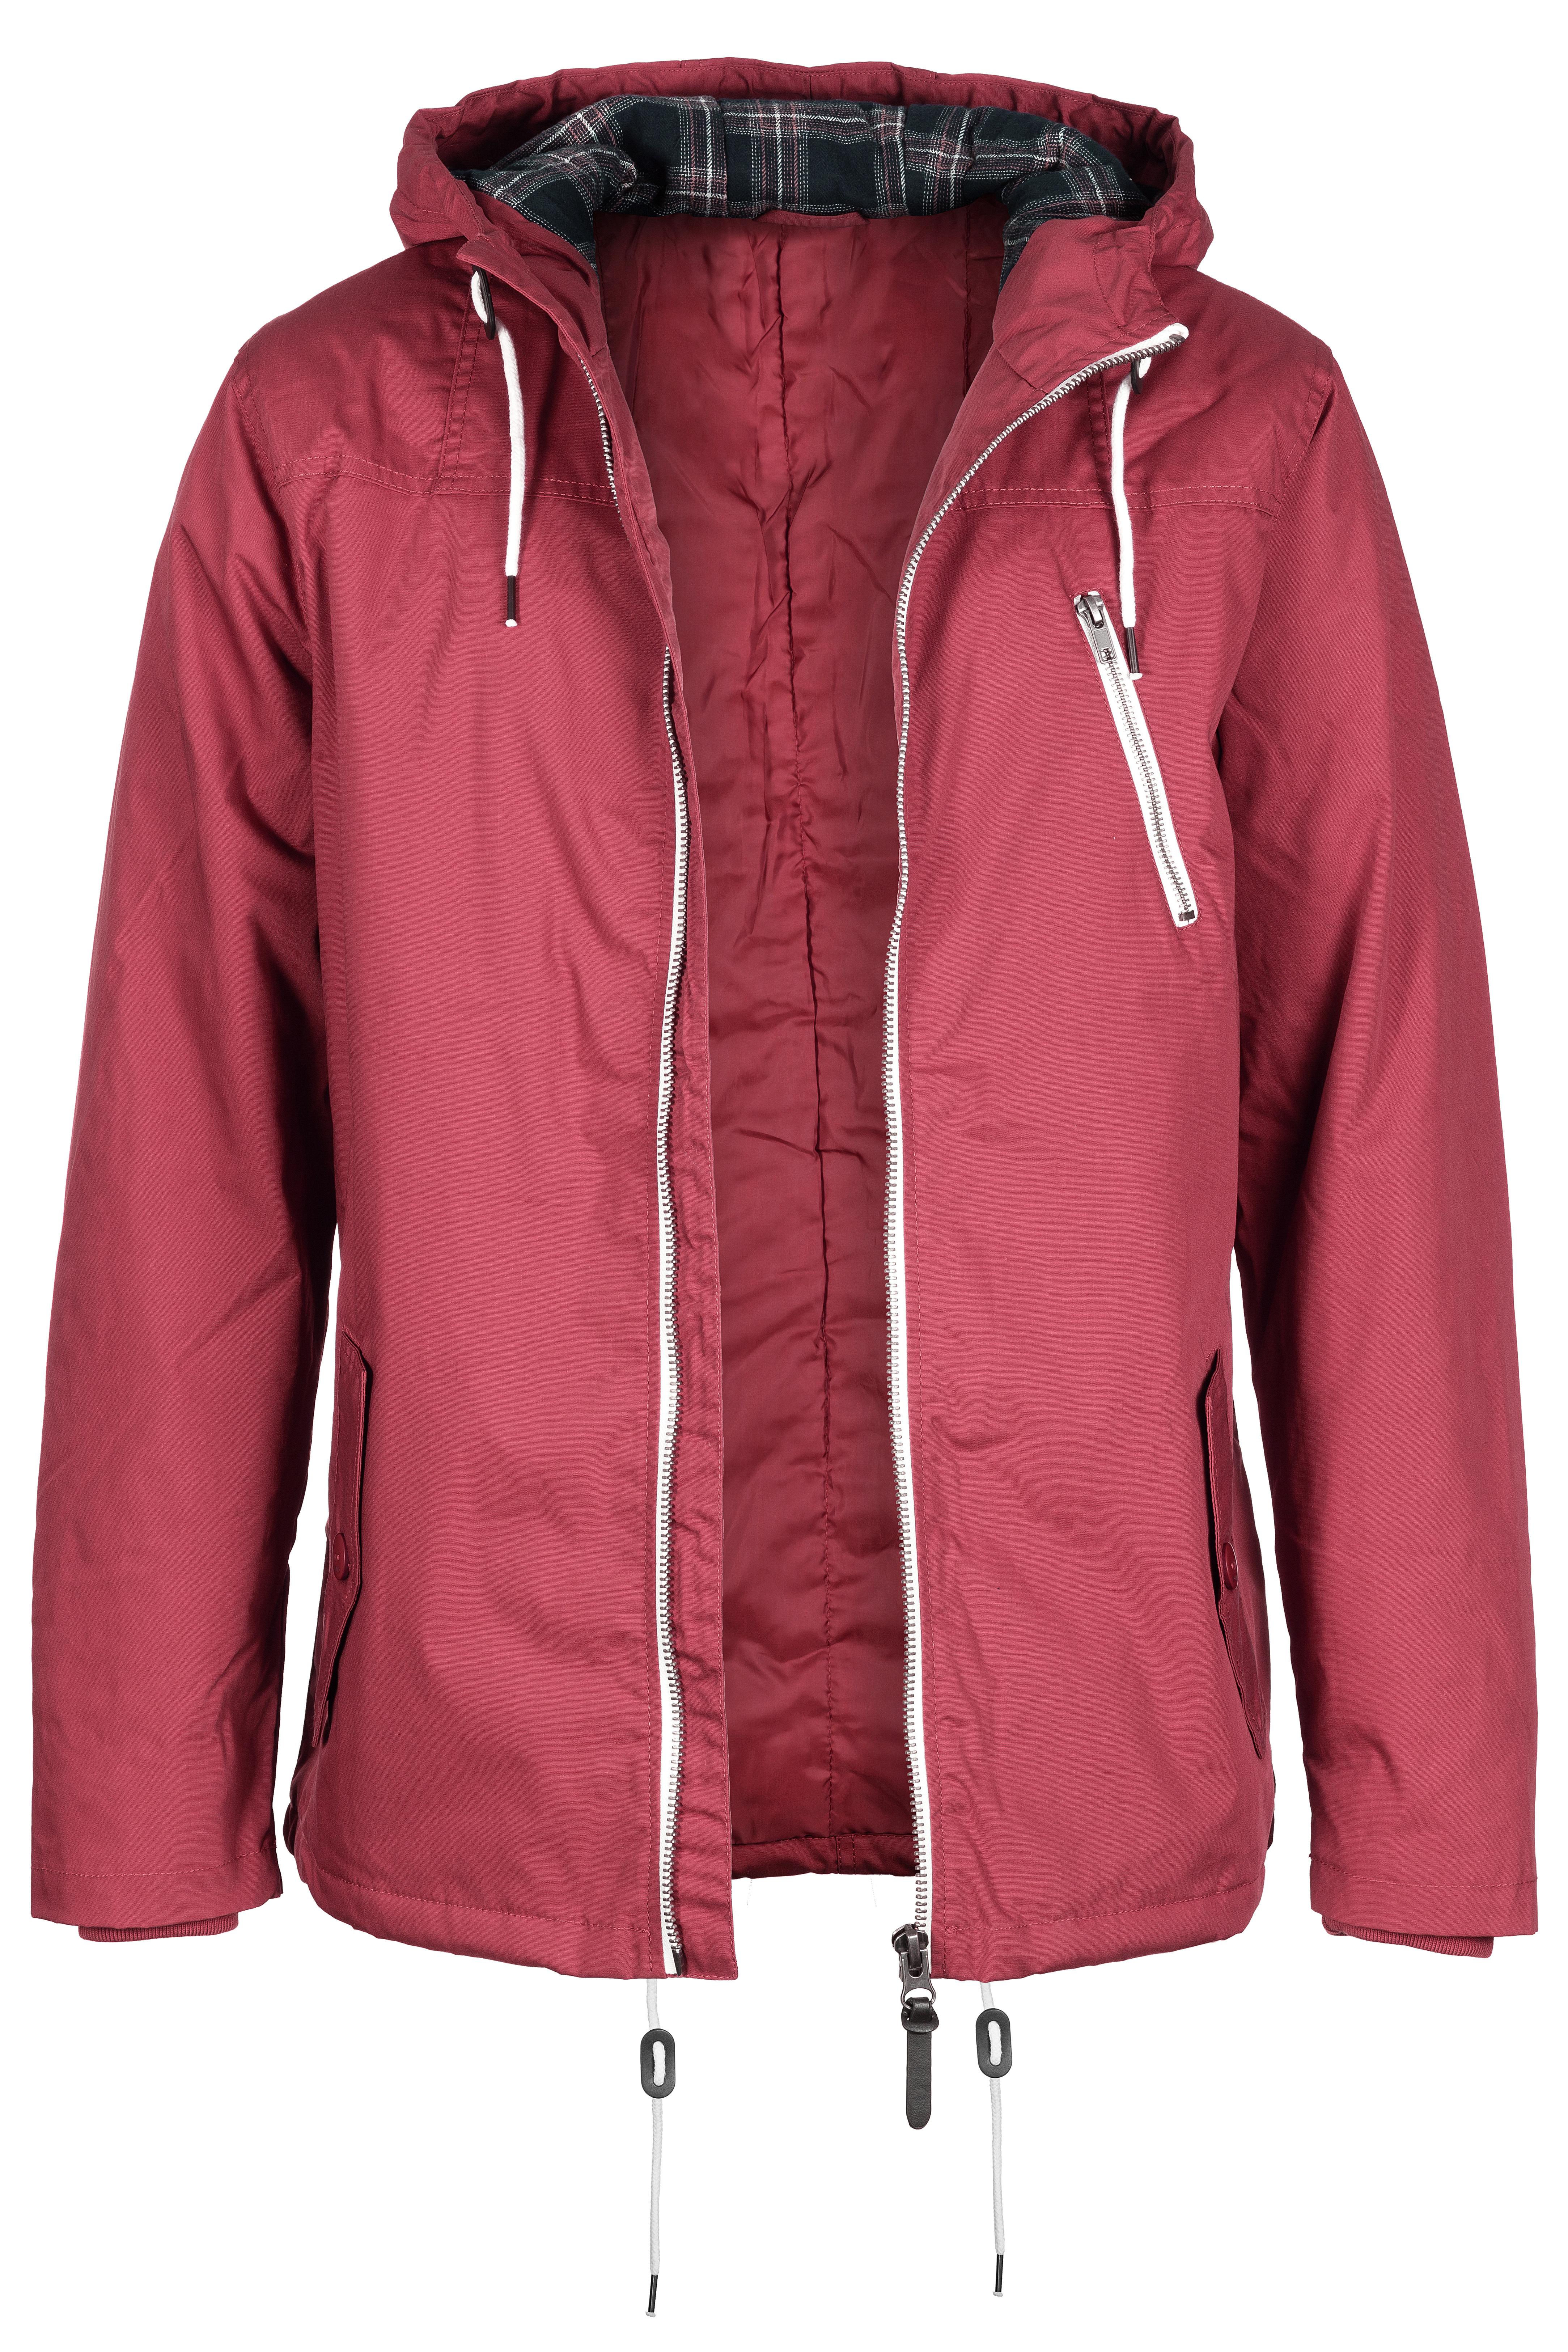 Custom made jackets (14)